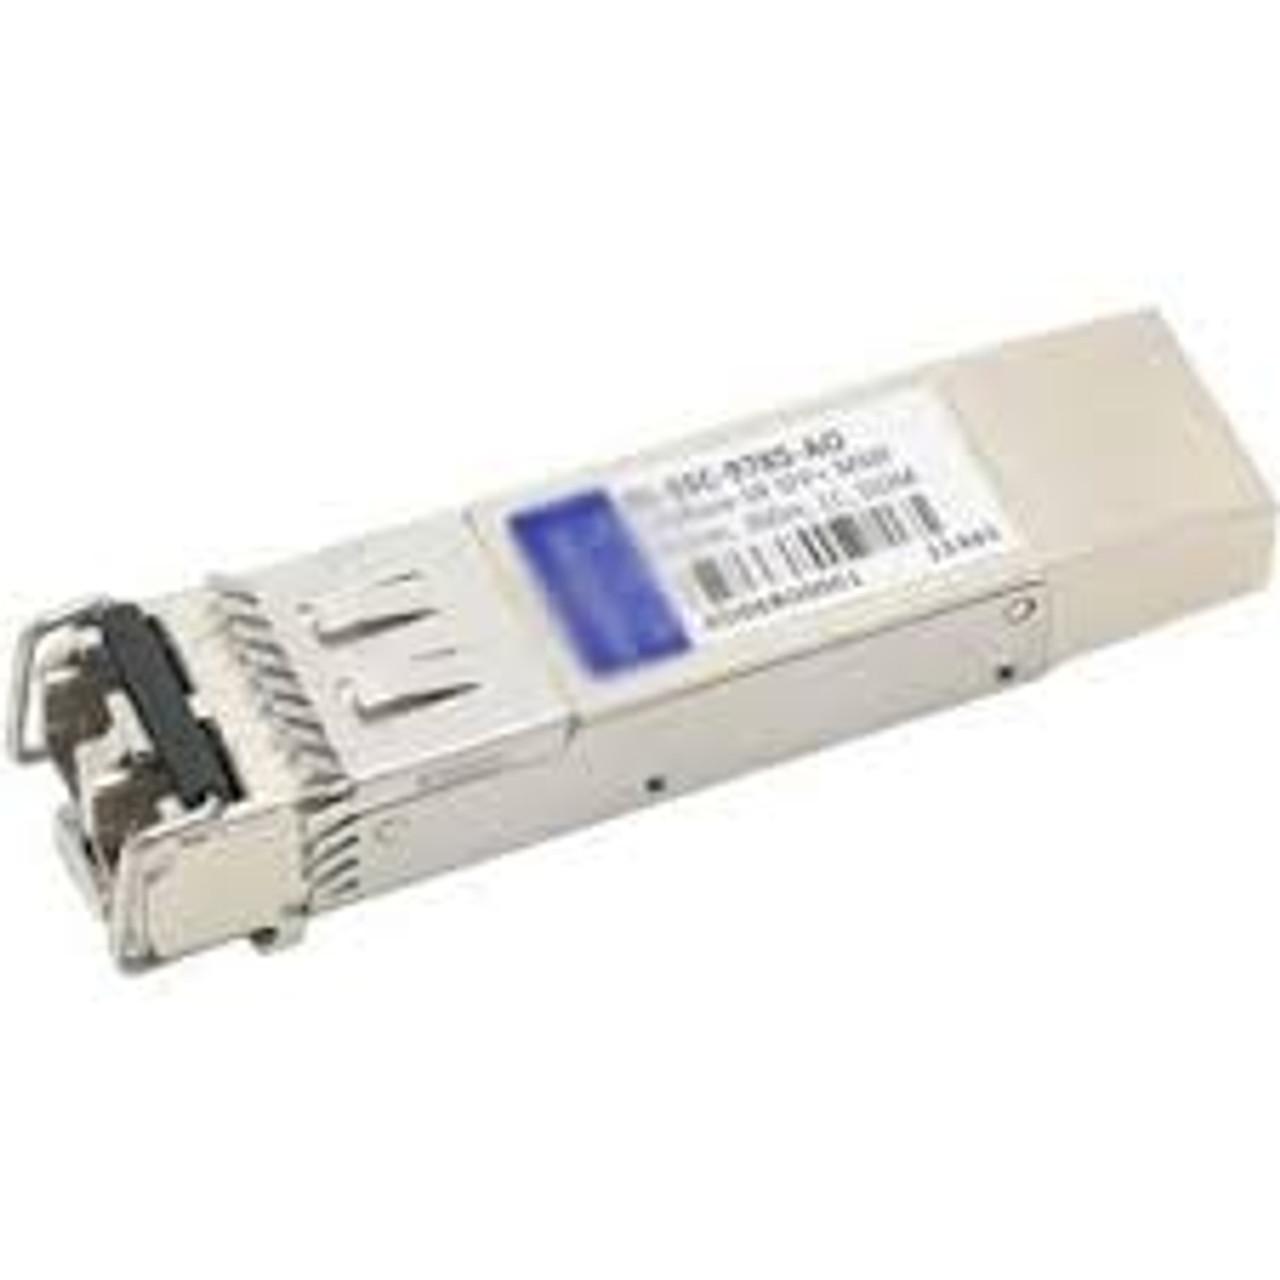 1GB-SX SFP SHORT HAUL FIBERMODULE MULTI-MODE NO CABLE